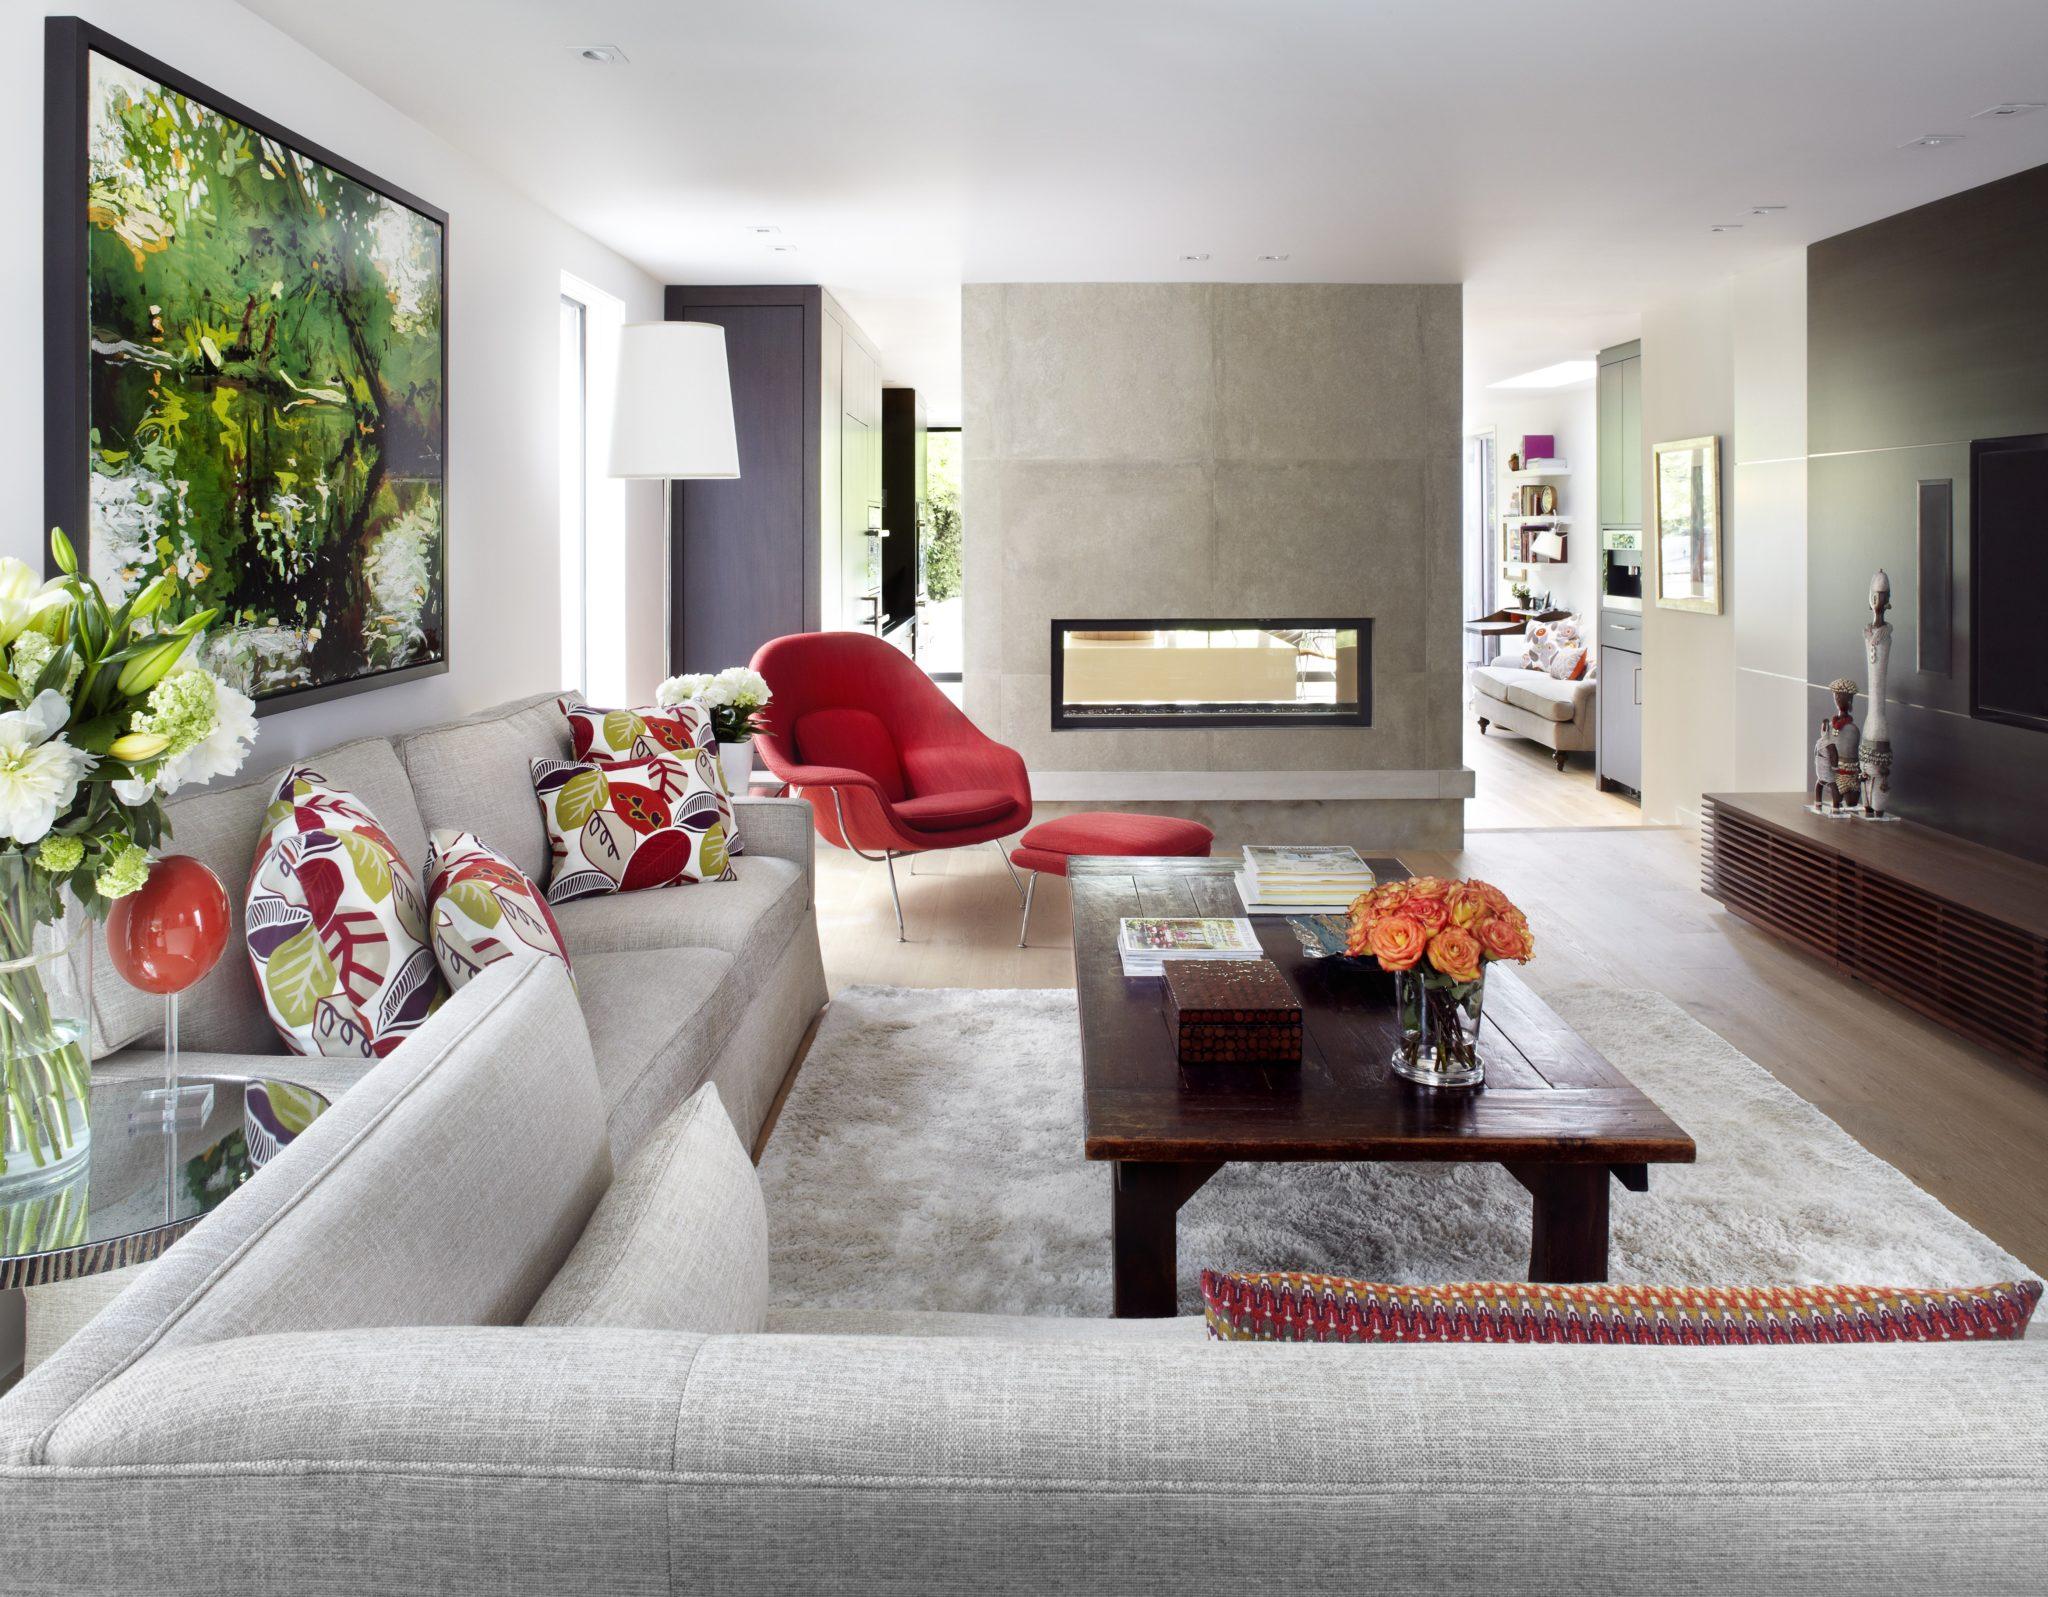 Interior design by Rowlands Associates